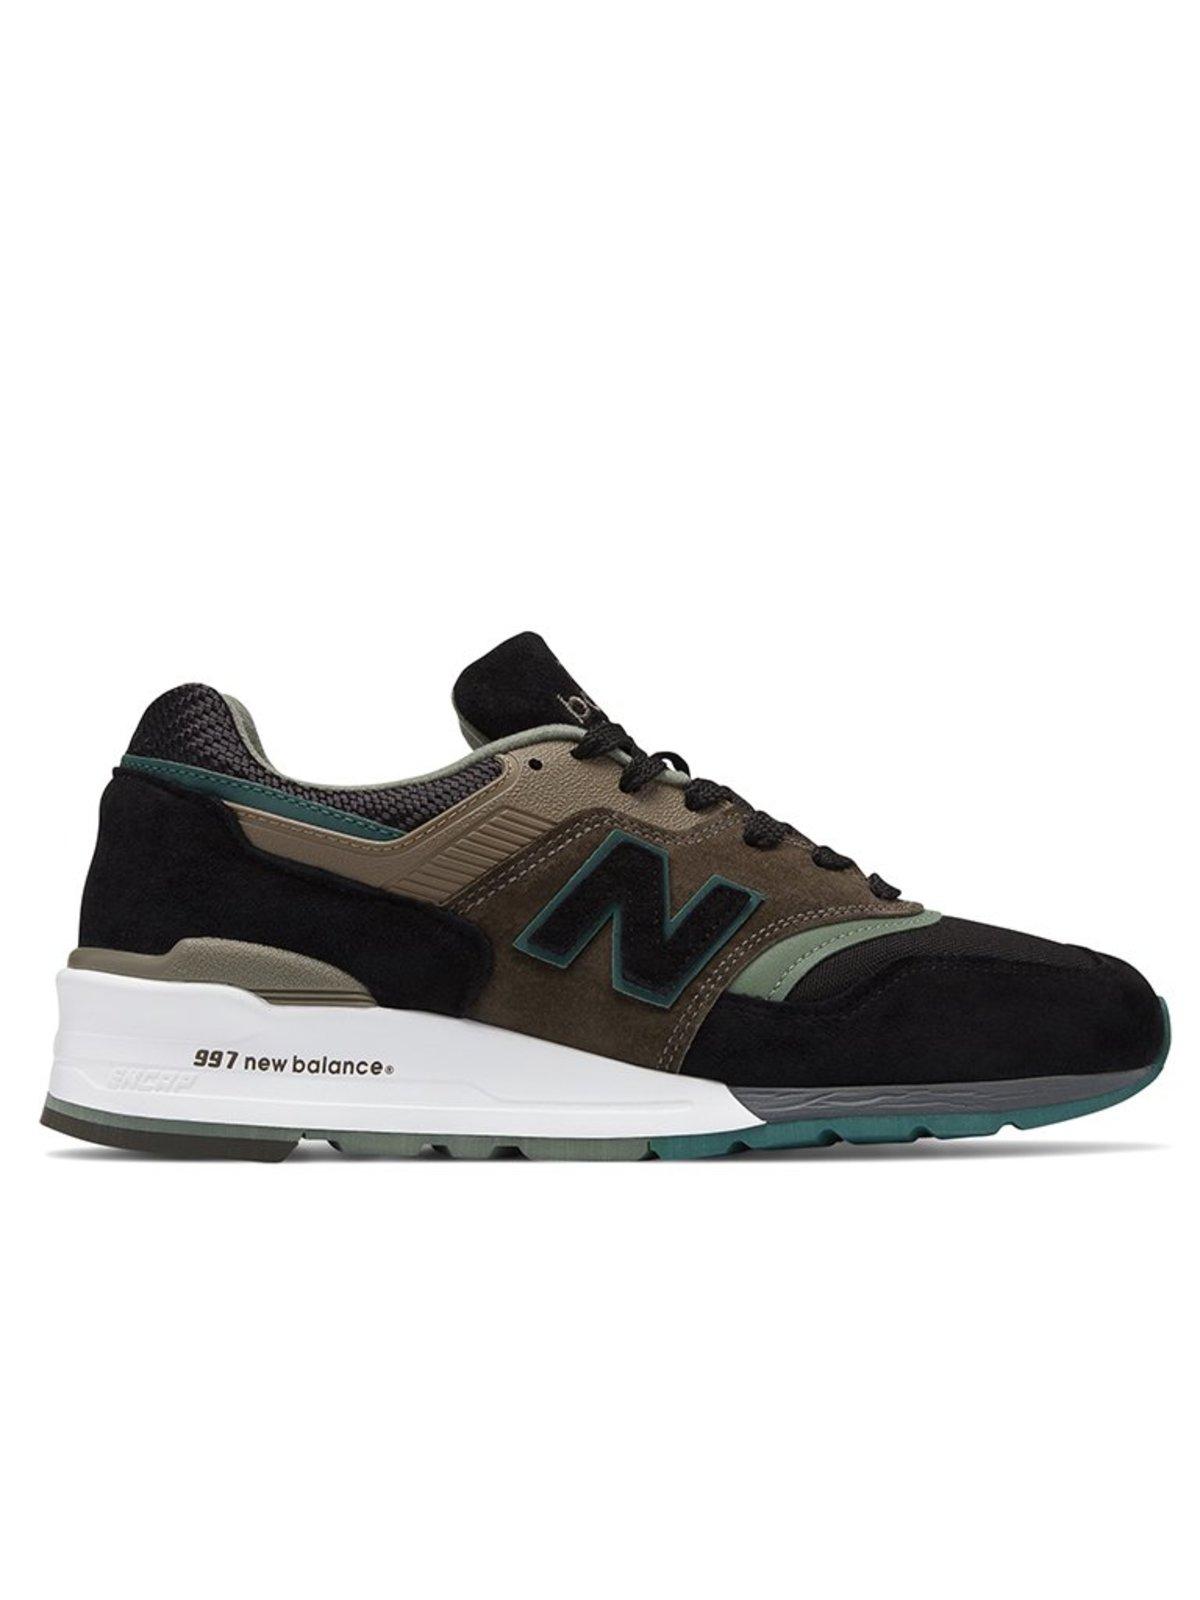 best website 5762d 23ef8 New Balance 997 PAA - Black/Covert Green